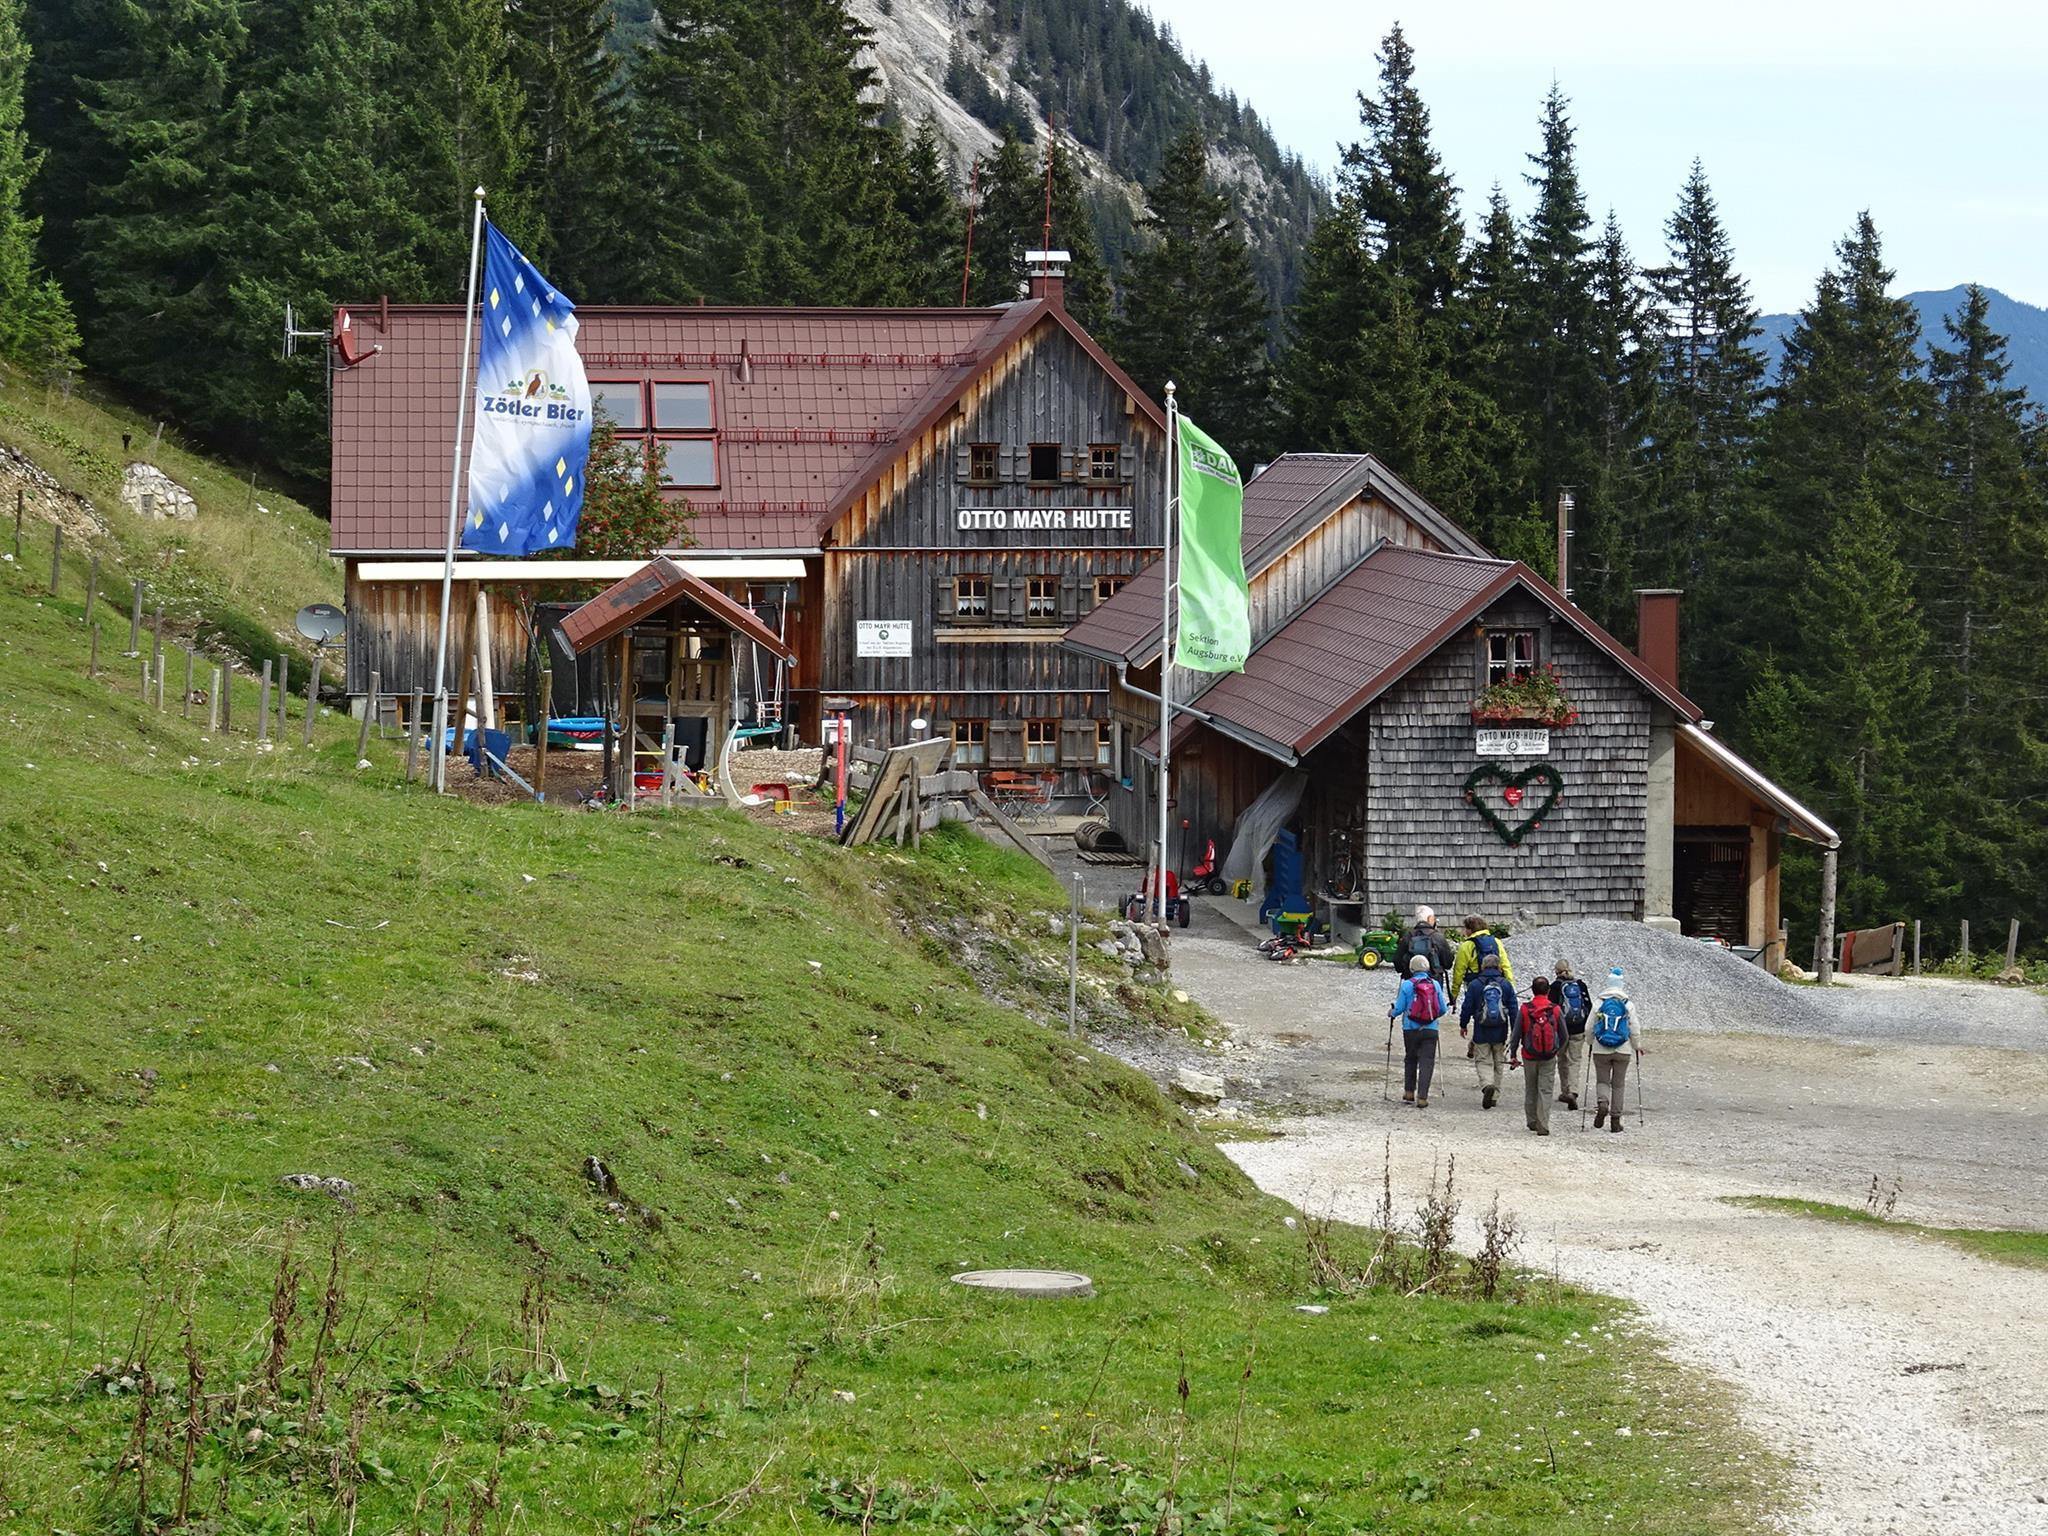 Otto-Mayr-Hütte